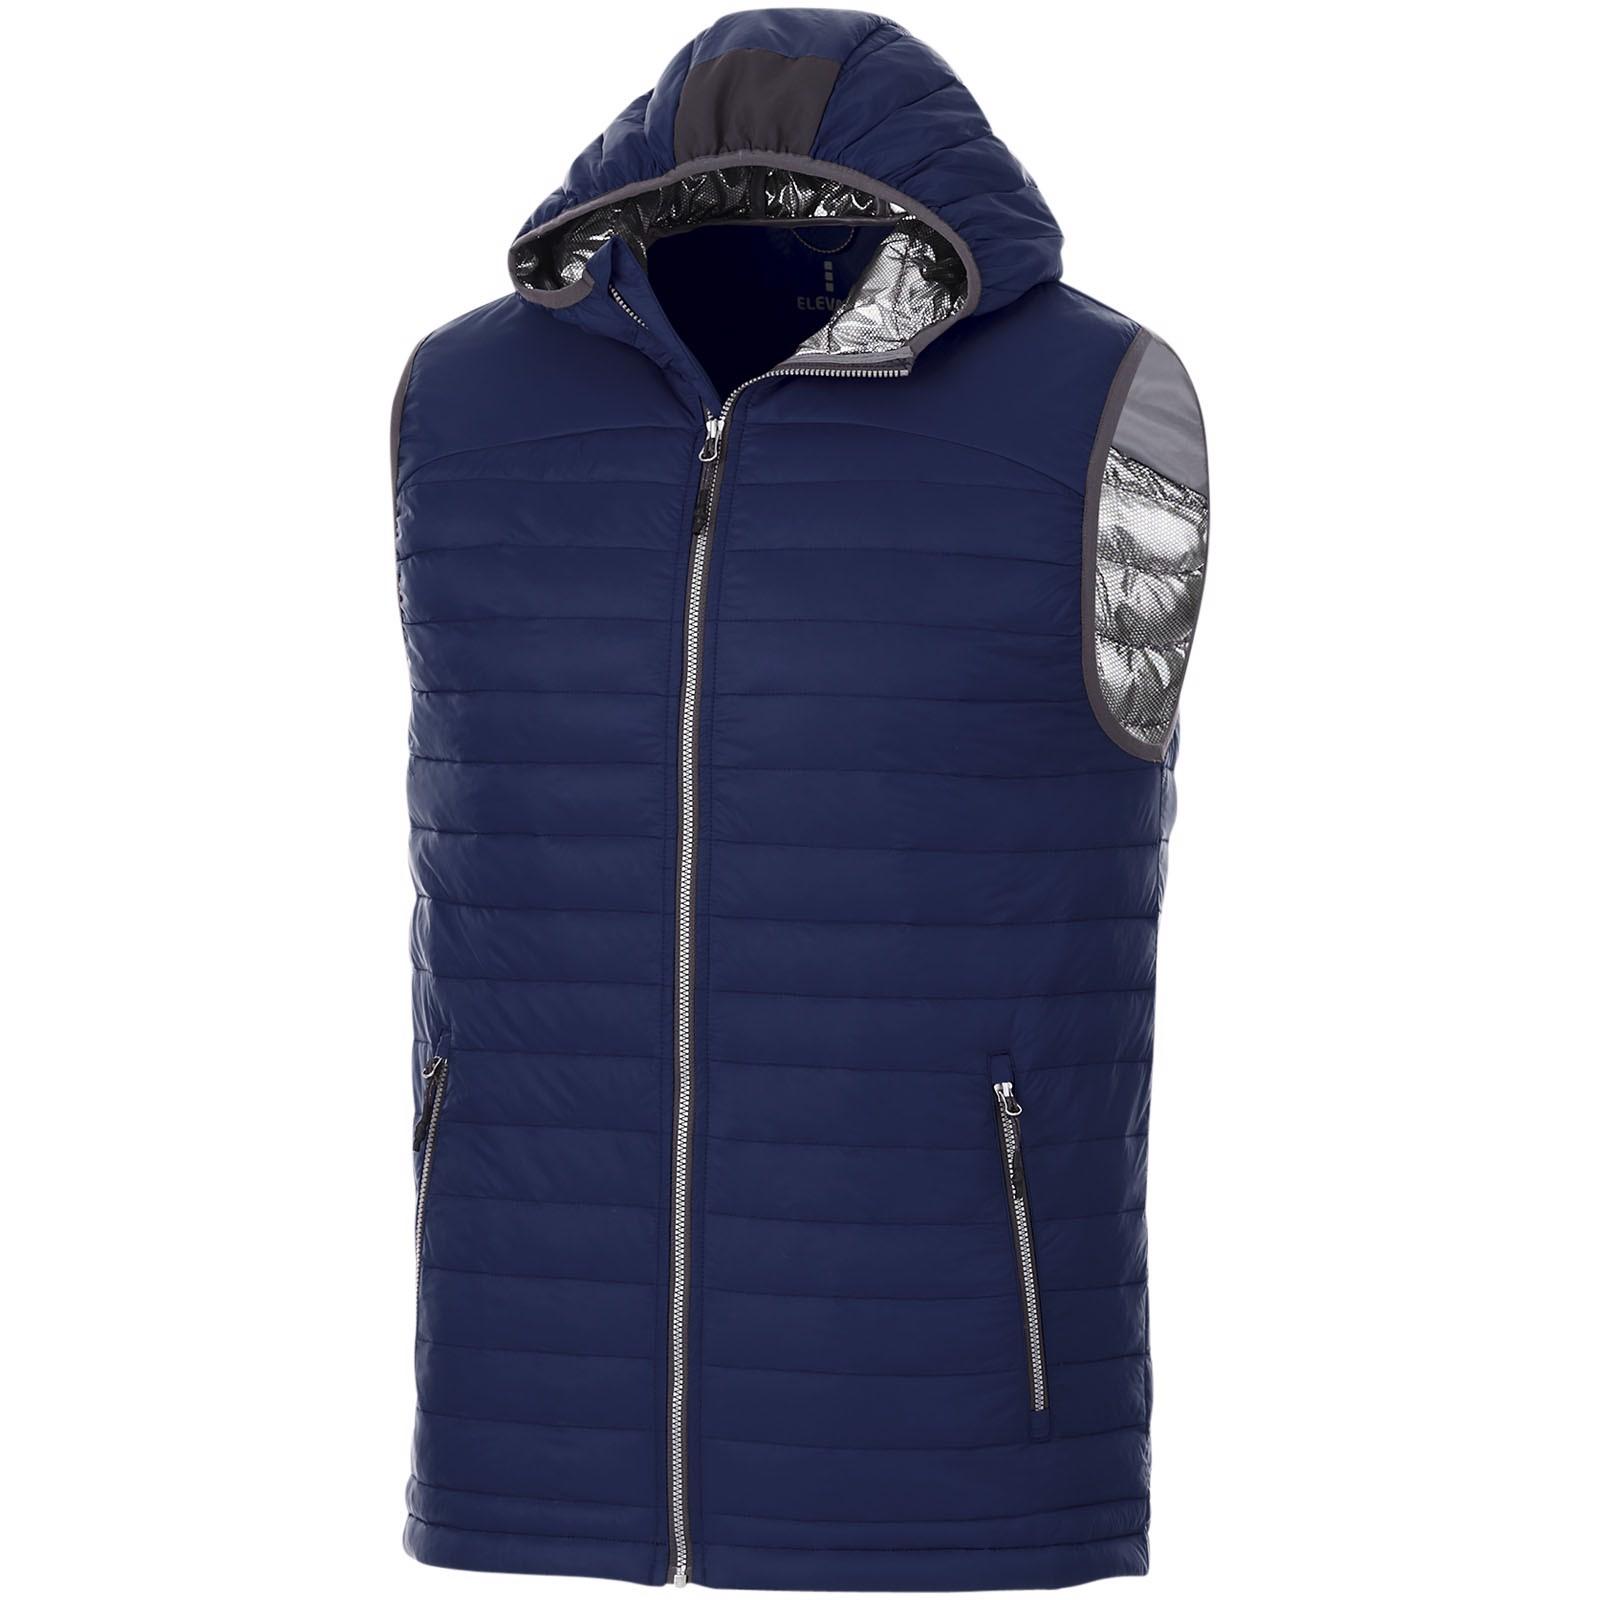 Junction men's insulated bodywarmer - Navy / L